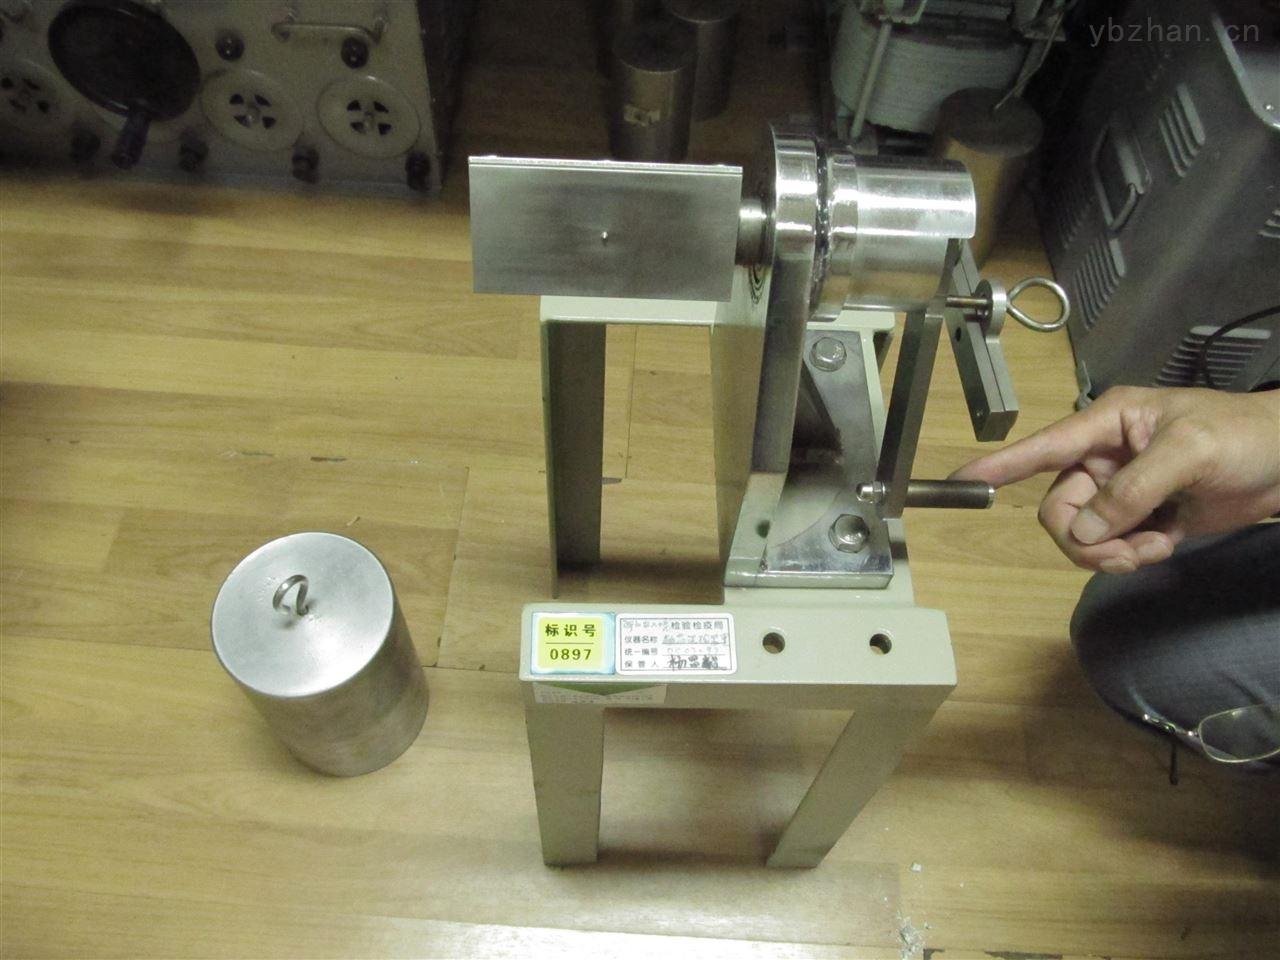 卷轴试验装置